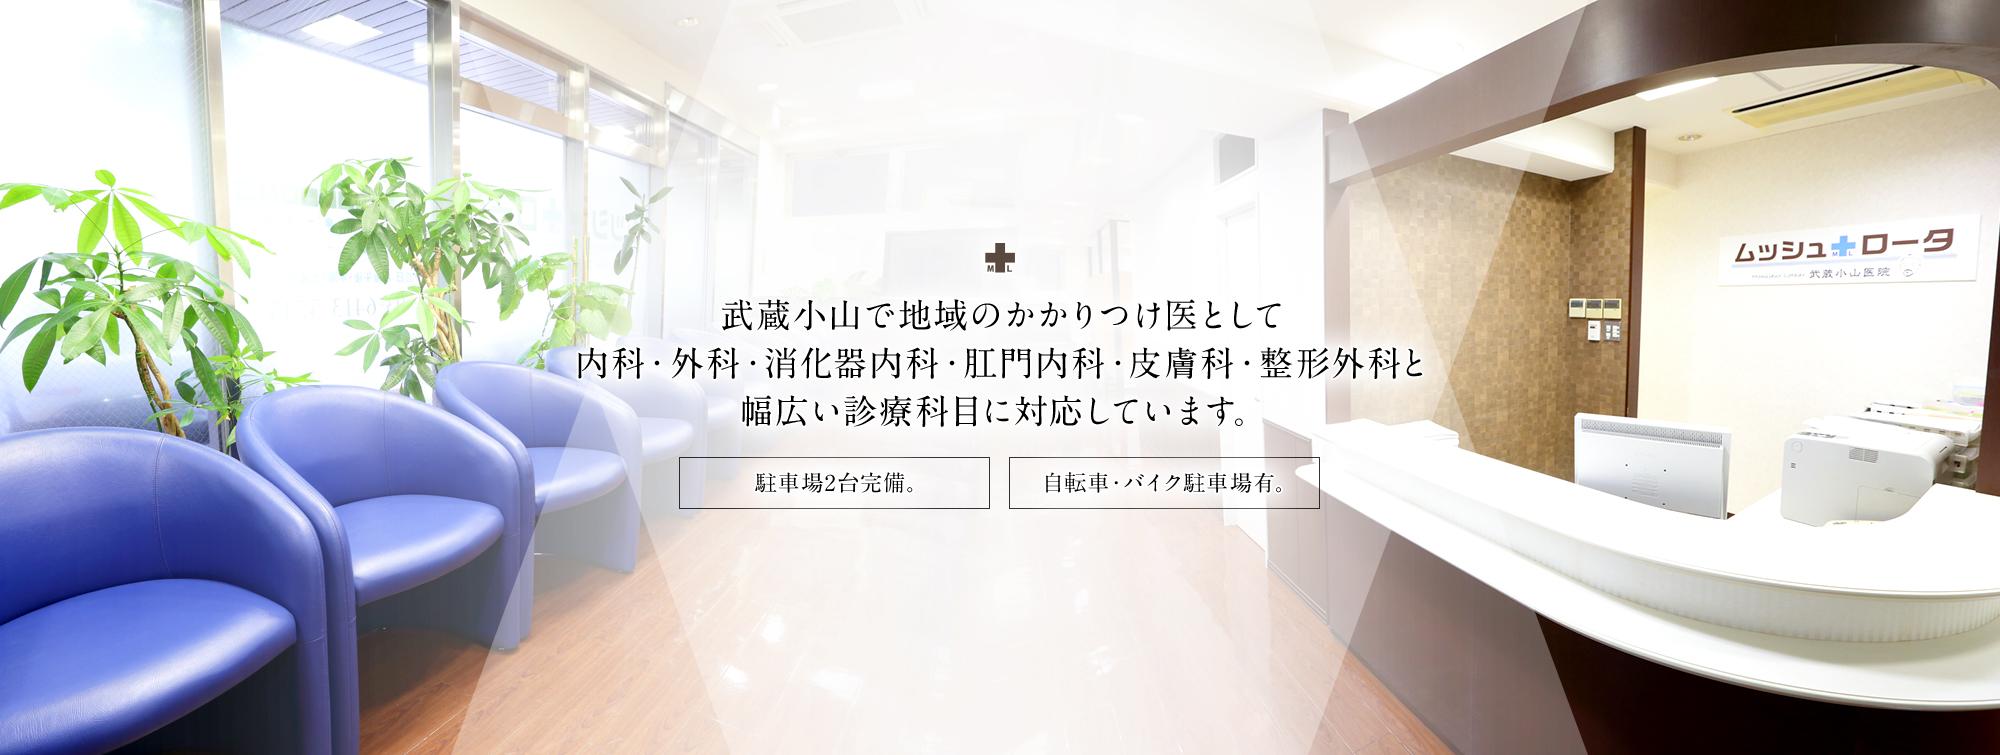 武蔵小山で地域のかかりつけ医として内科・胃腸内科・皮膚科・外科・整形外科と幅広い診療科目に対応しています。駐車場2台完備。自転車・バイク駐車場有。